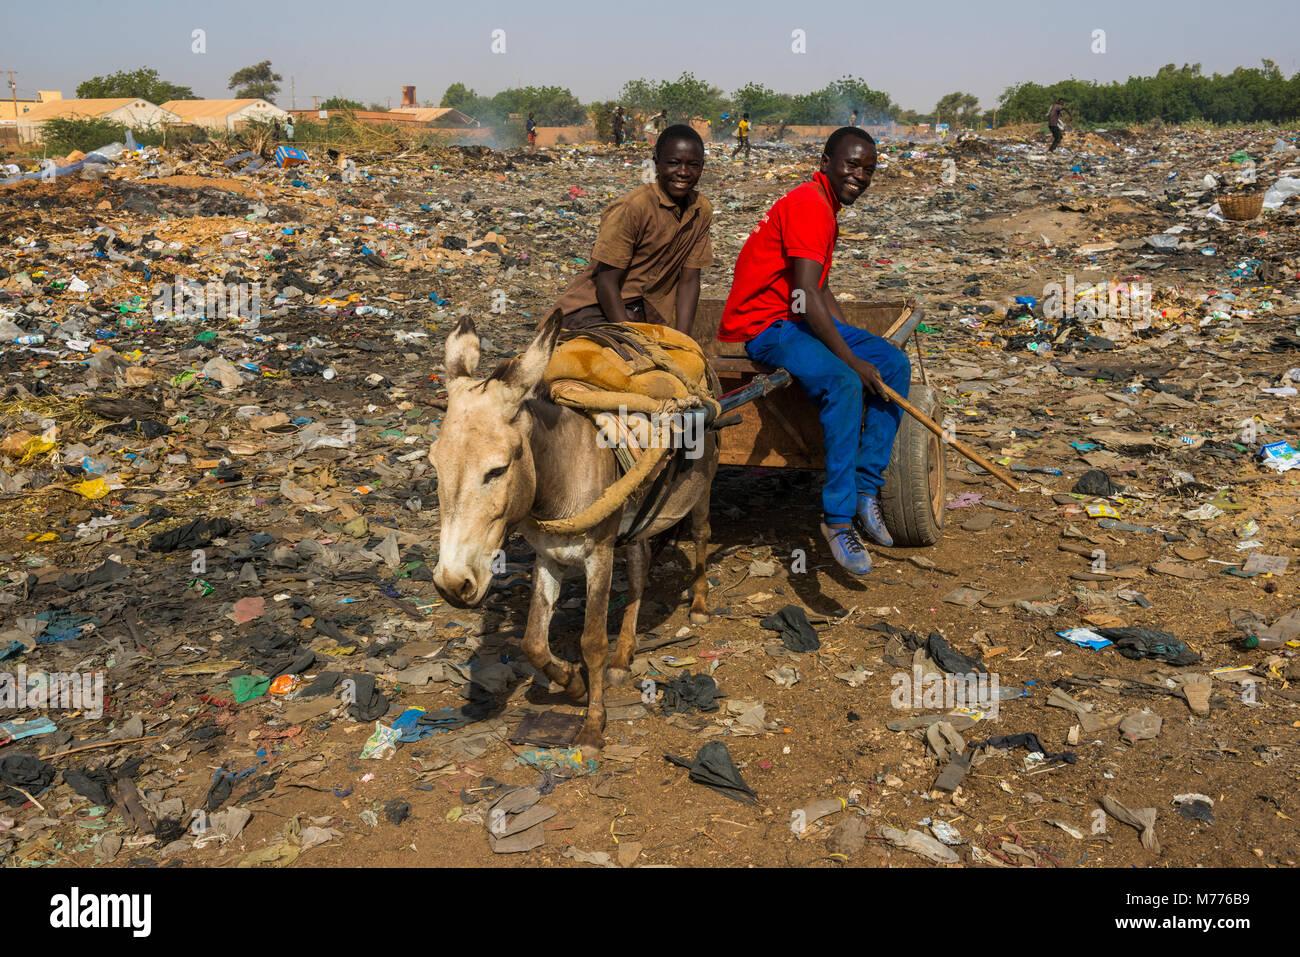 Friendly boys on a public rubbishdump, Niamey, Niger, Africa - Stock Image